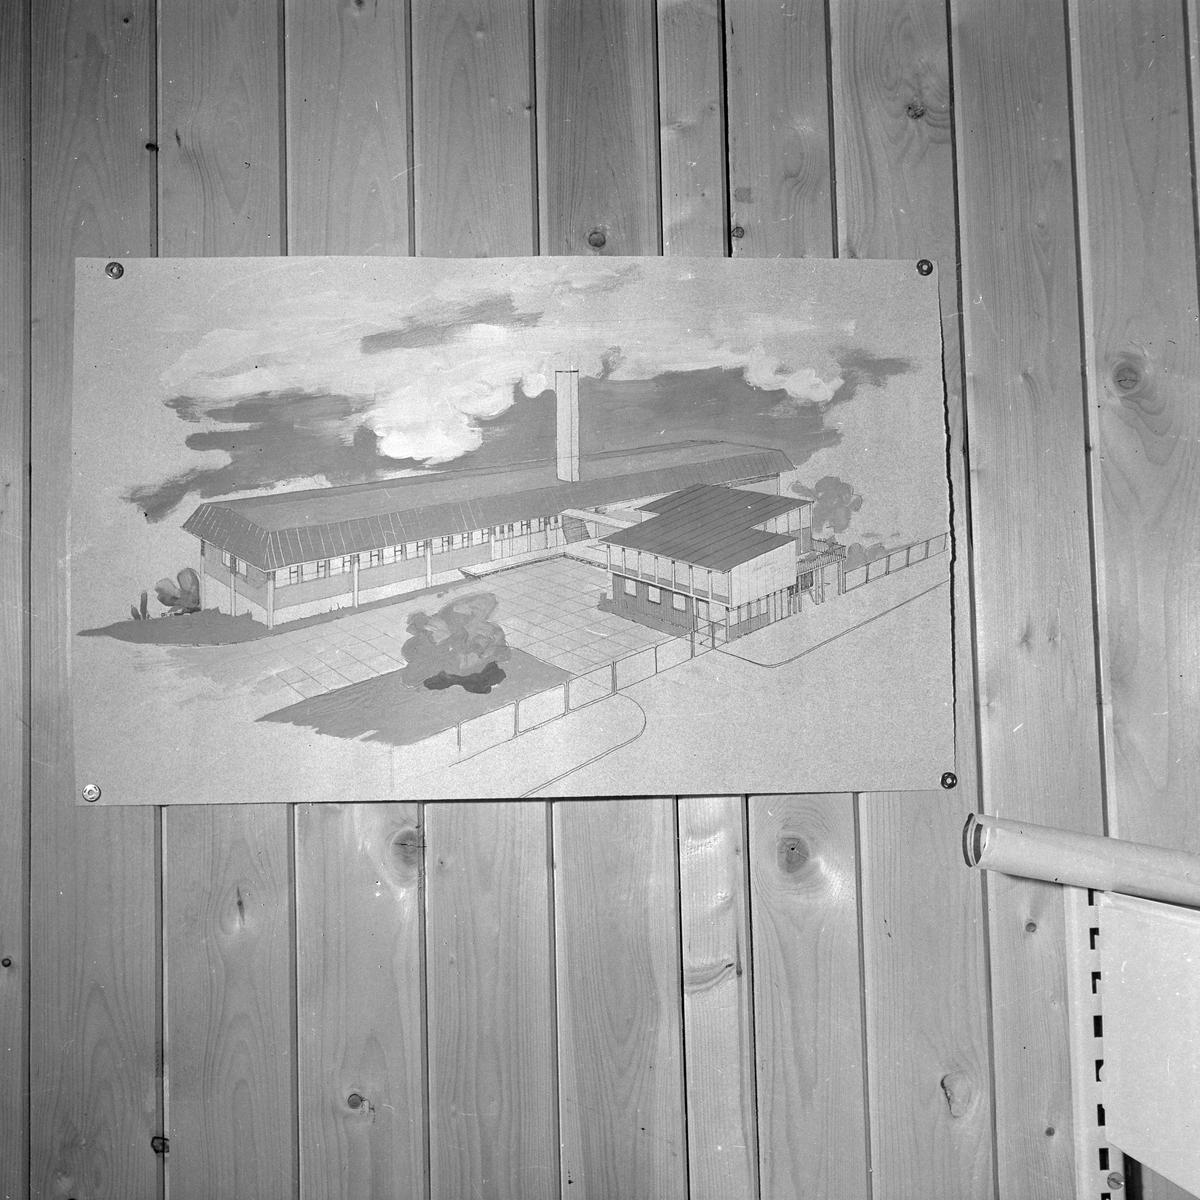 Bøndernes Salgslags tekniske kontor. Tegninger av slakterier i bla Mosjøen, Hammerfest og Stjørdal